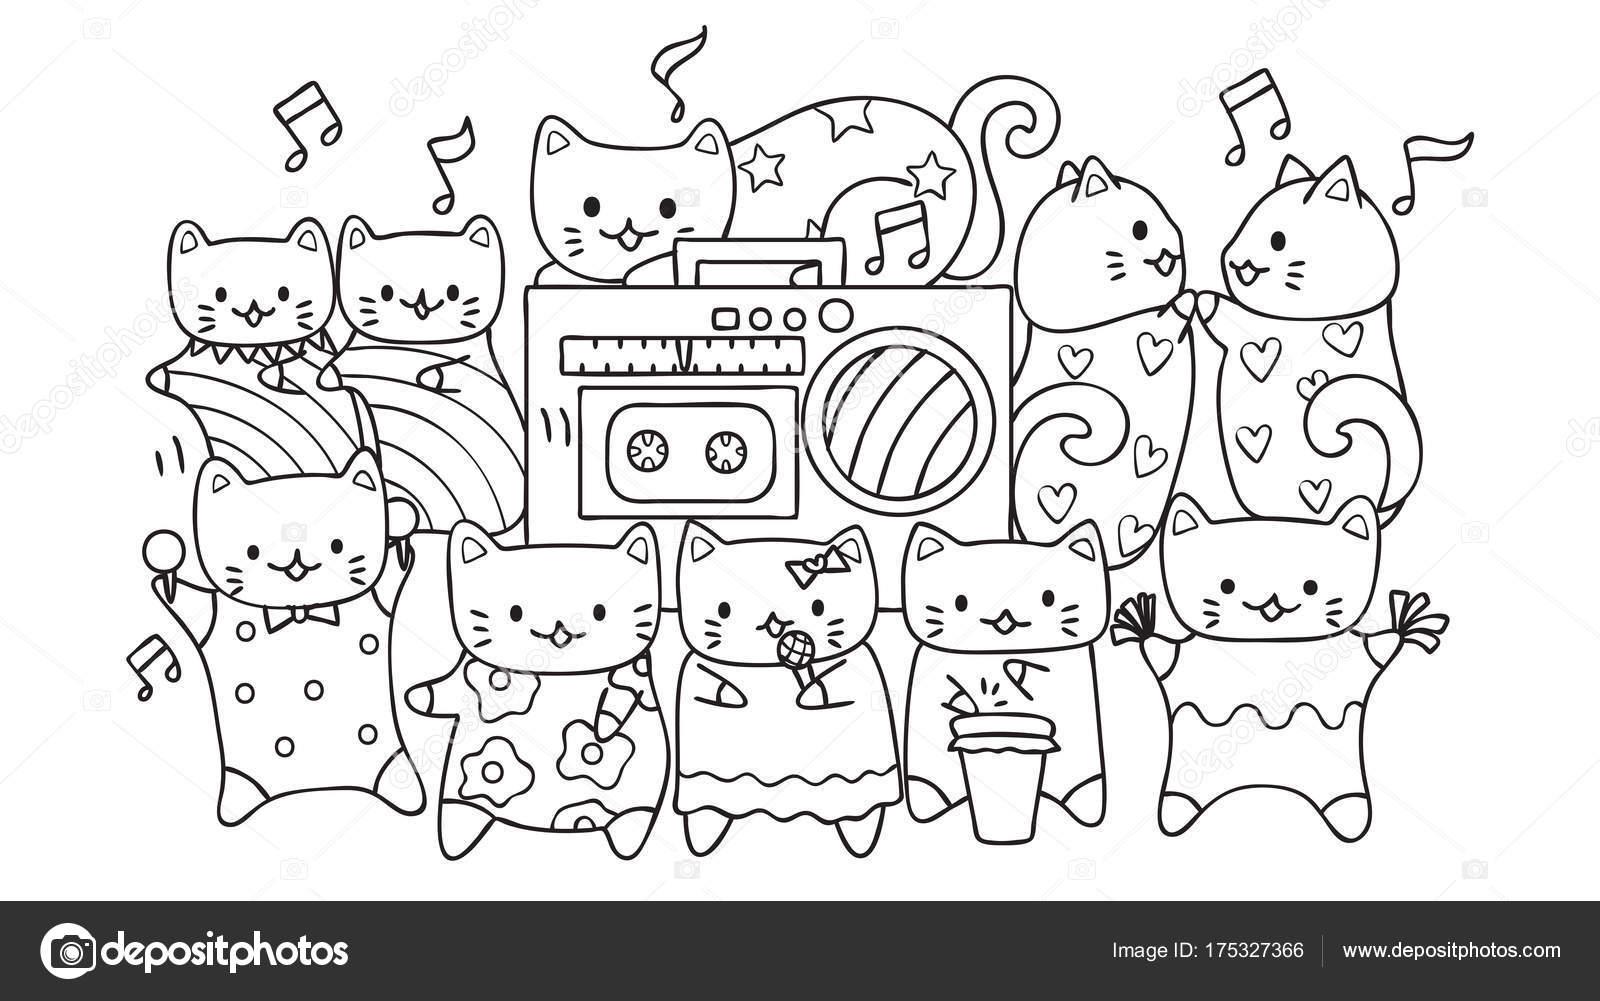 Dinleme Müzik Tasarım öğesi Için Dans çocuklar Için Boyama Kitabı